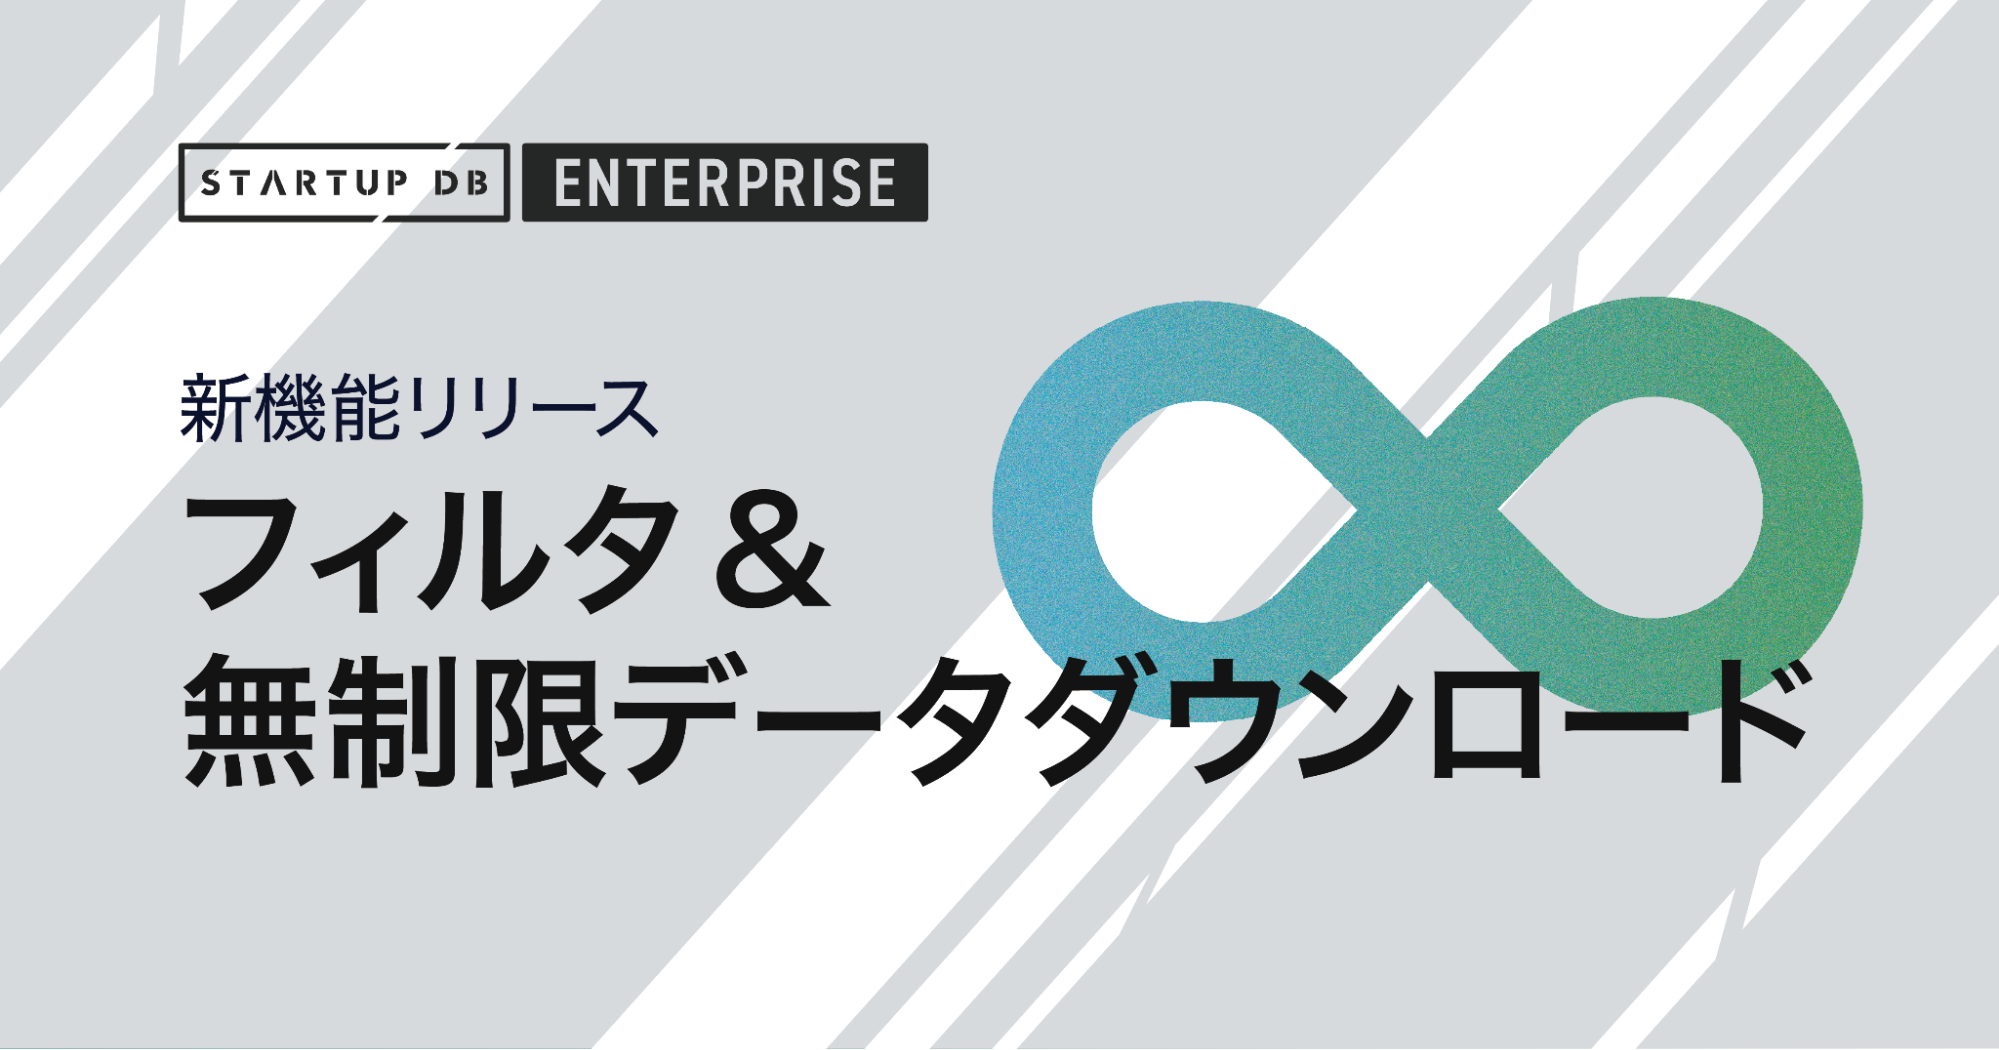 スタートアップとの商談創造を支援する「STARTUP DB ENTERPRISE」、 新機能「フィルタ」と「無制限データダウンロード」リリース!